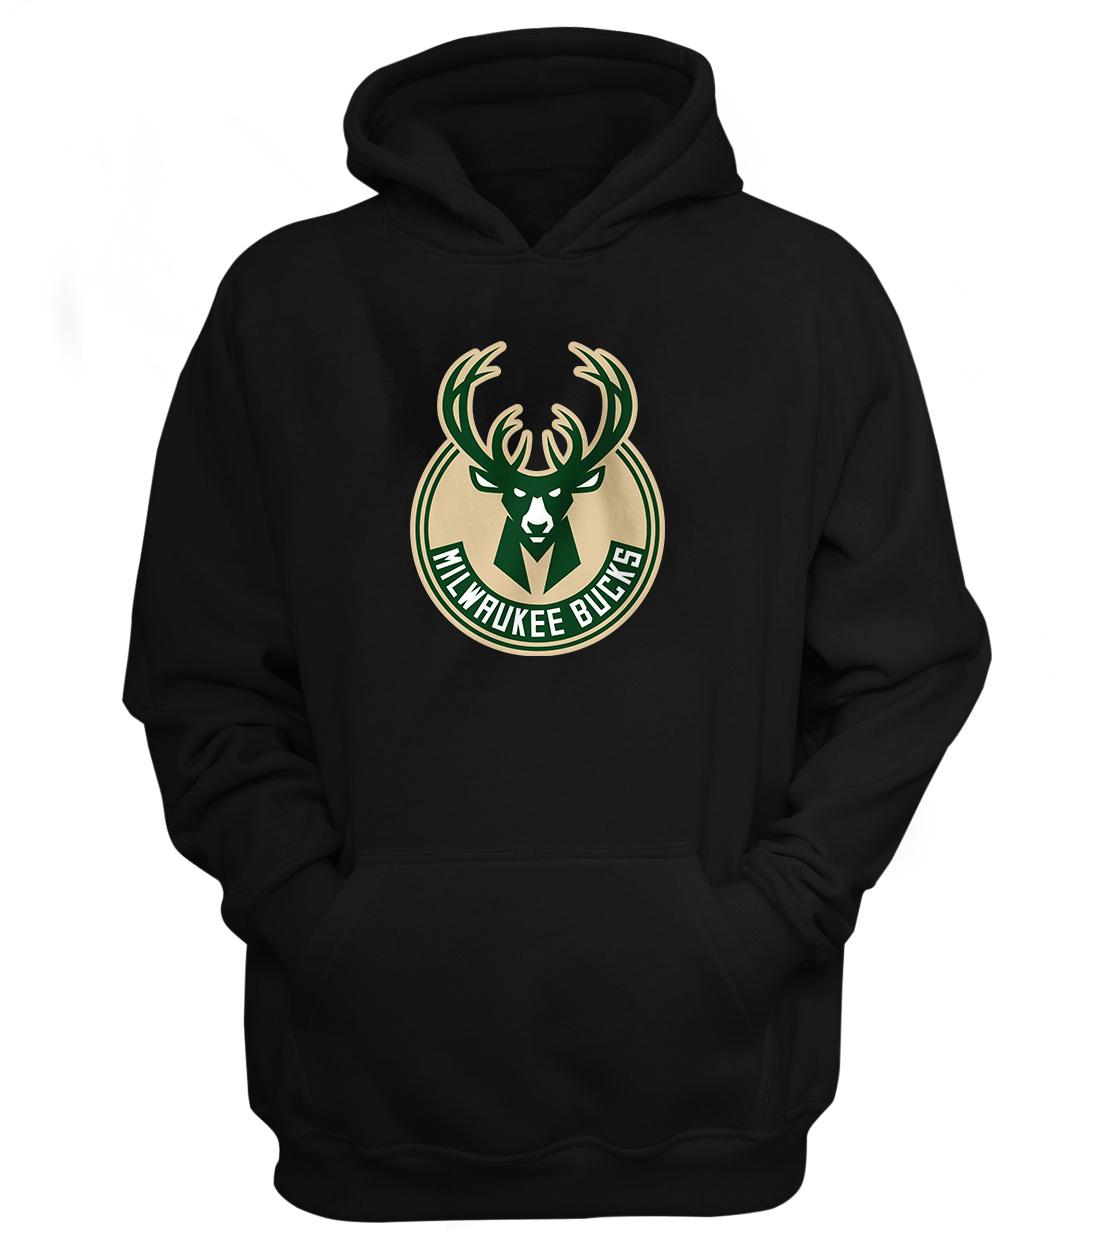 Milwaukee Bucks Hoodie (HD-BLC-NP-151-NBA-MIL-LOGO)